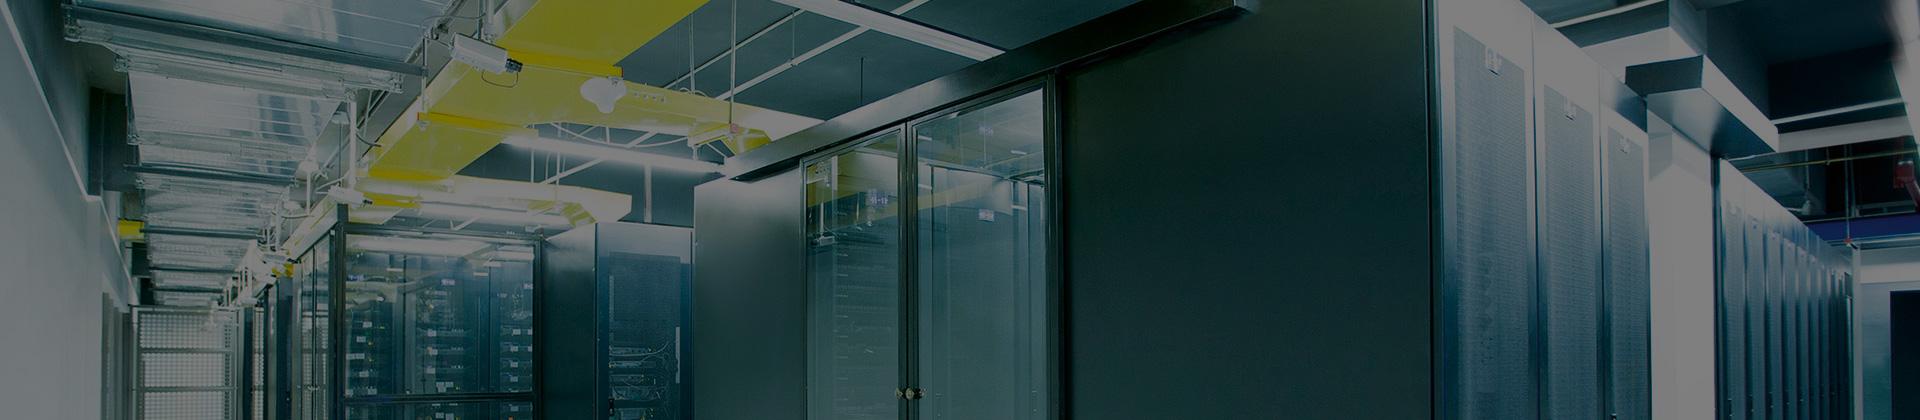 Hiperclima Madrid: climatización y mantenimiento de salas técnicas